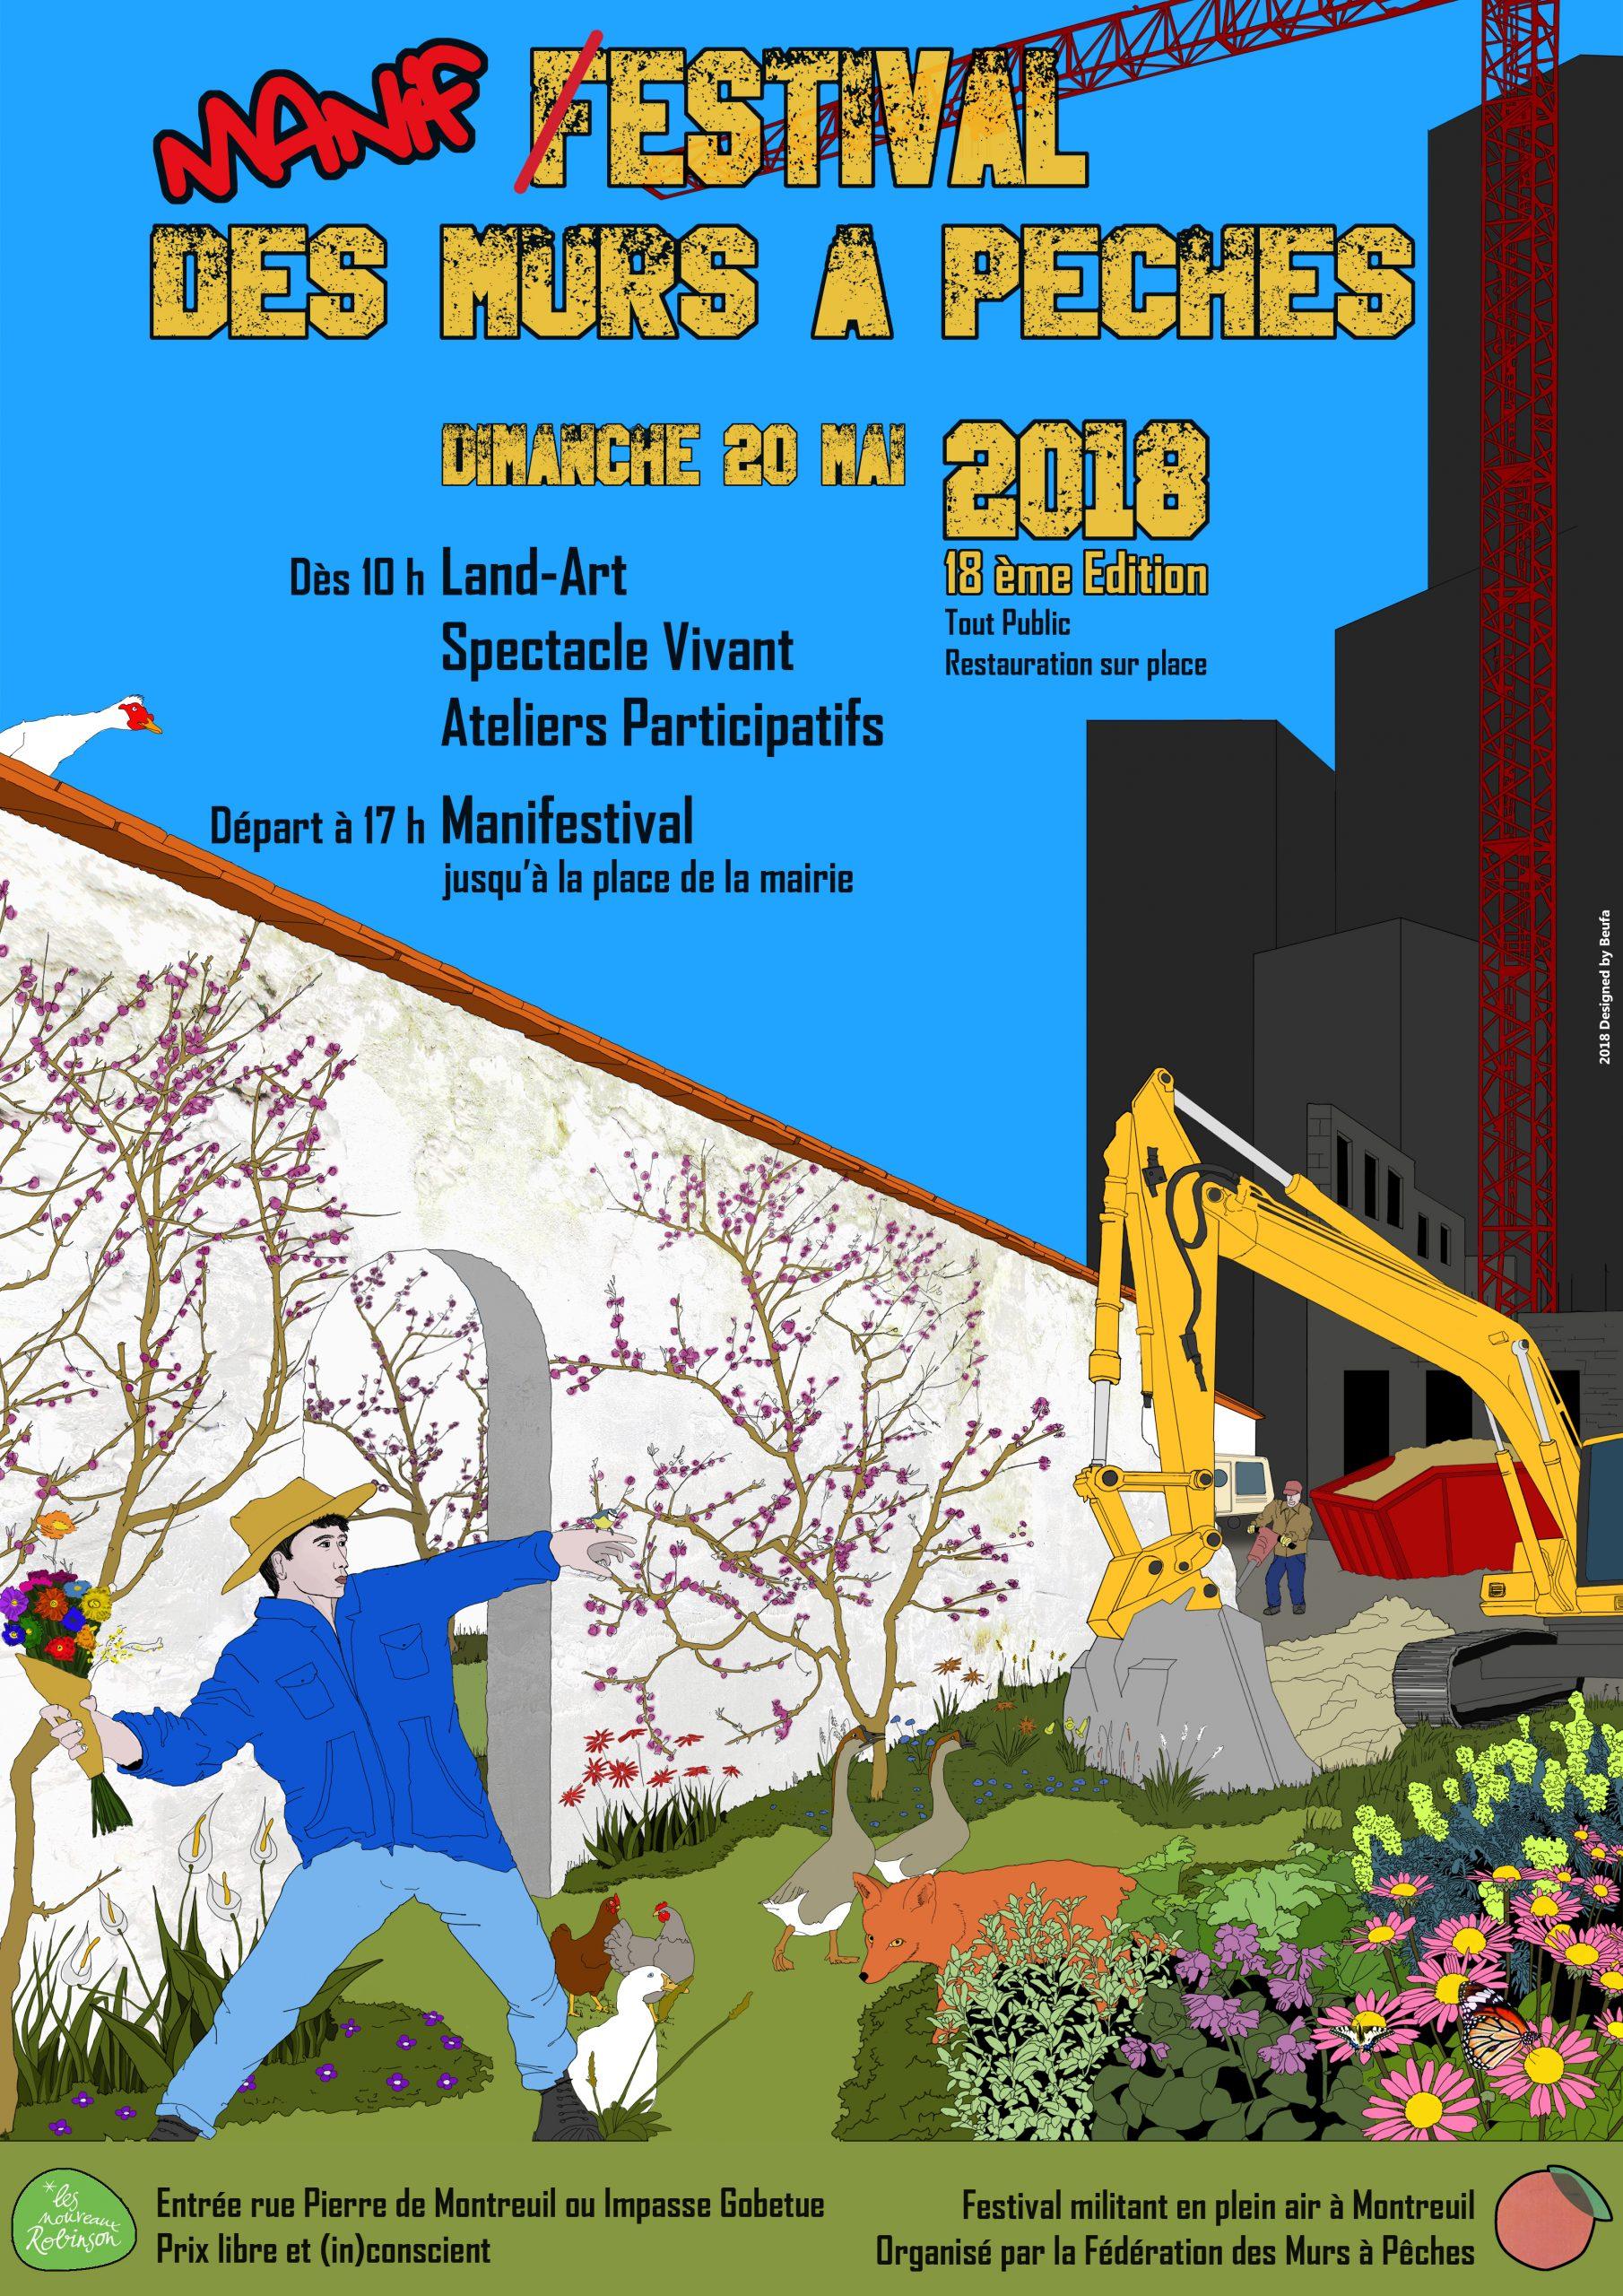 Festival Des Murs À Pêches 20 Mai. | Murs À Pêches tout Piscine Des Murs À Pêche Montreuil